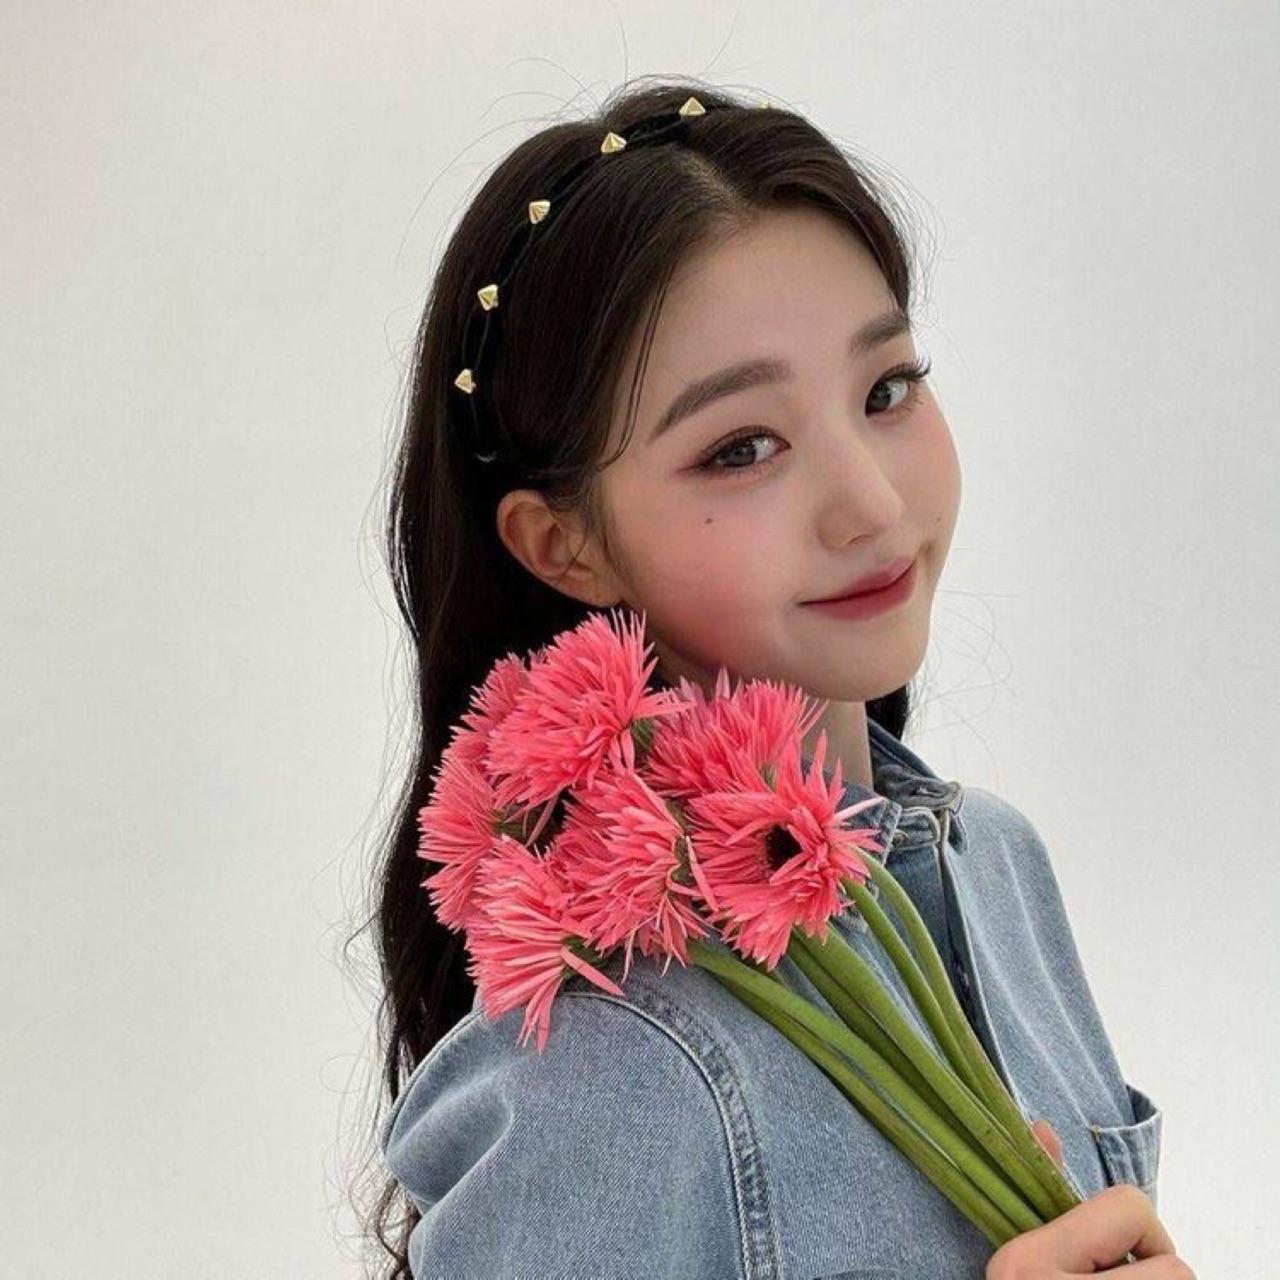 izone, wonyoung, and izone wonyoung image